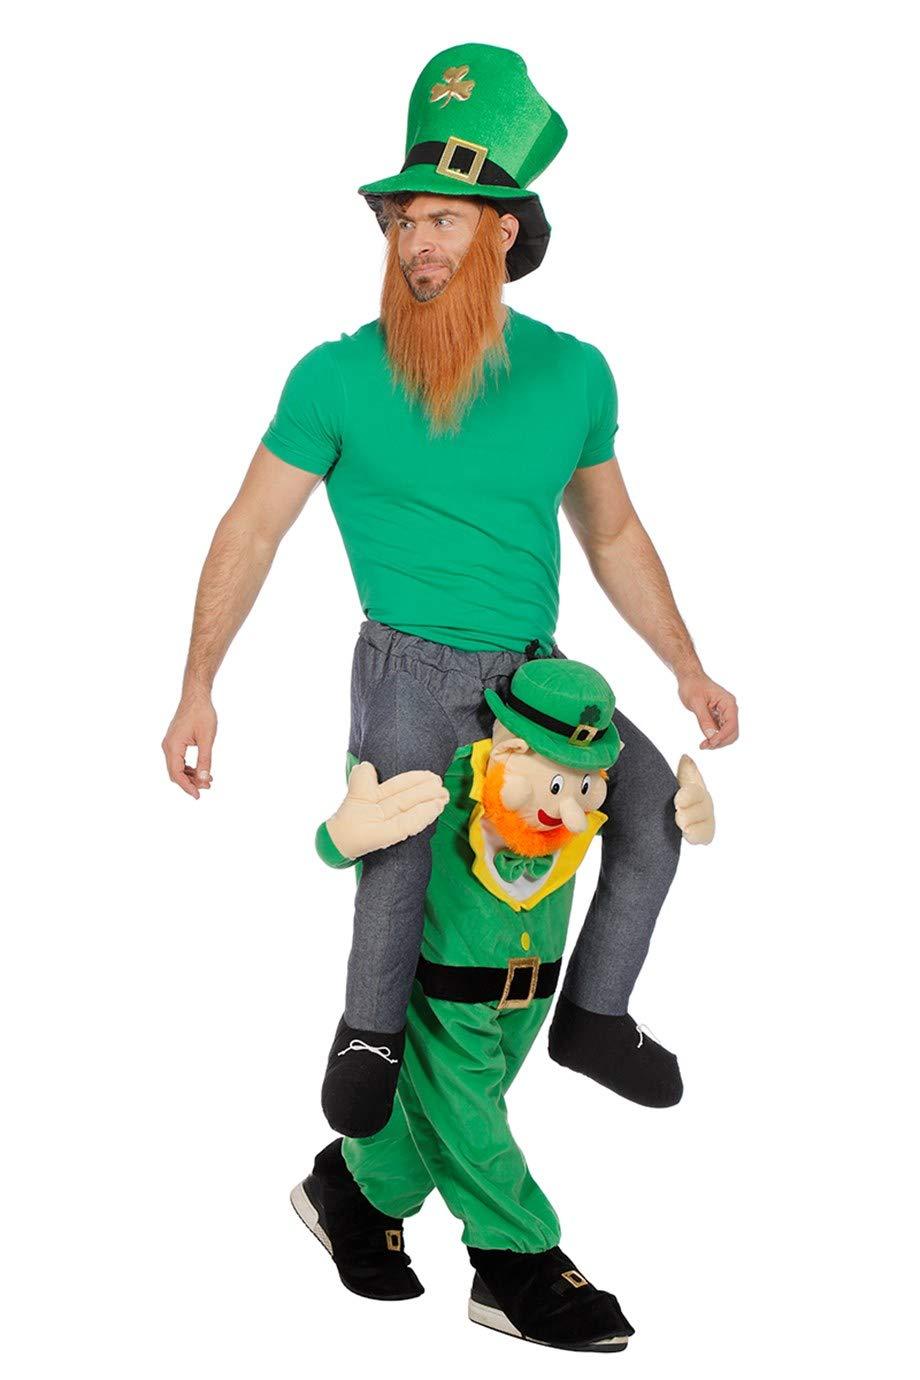 W99812-54 grün Damen Herren Mann auf St.Patrick Day Gnom Carry ME Huckepack trag Mich Kostüm Gr.54